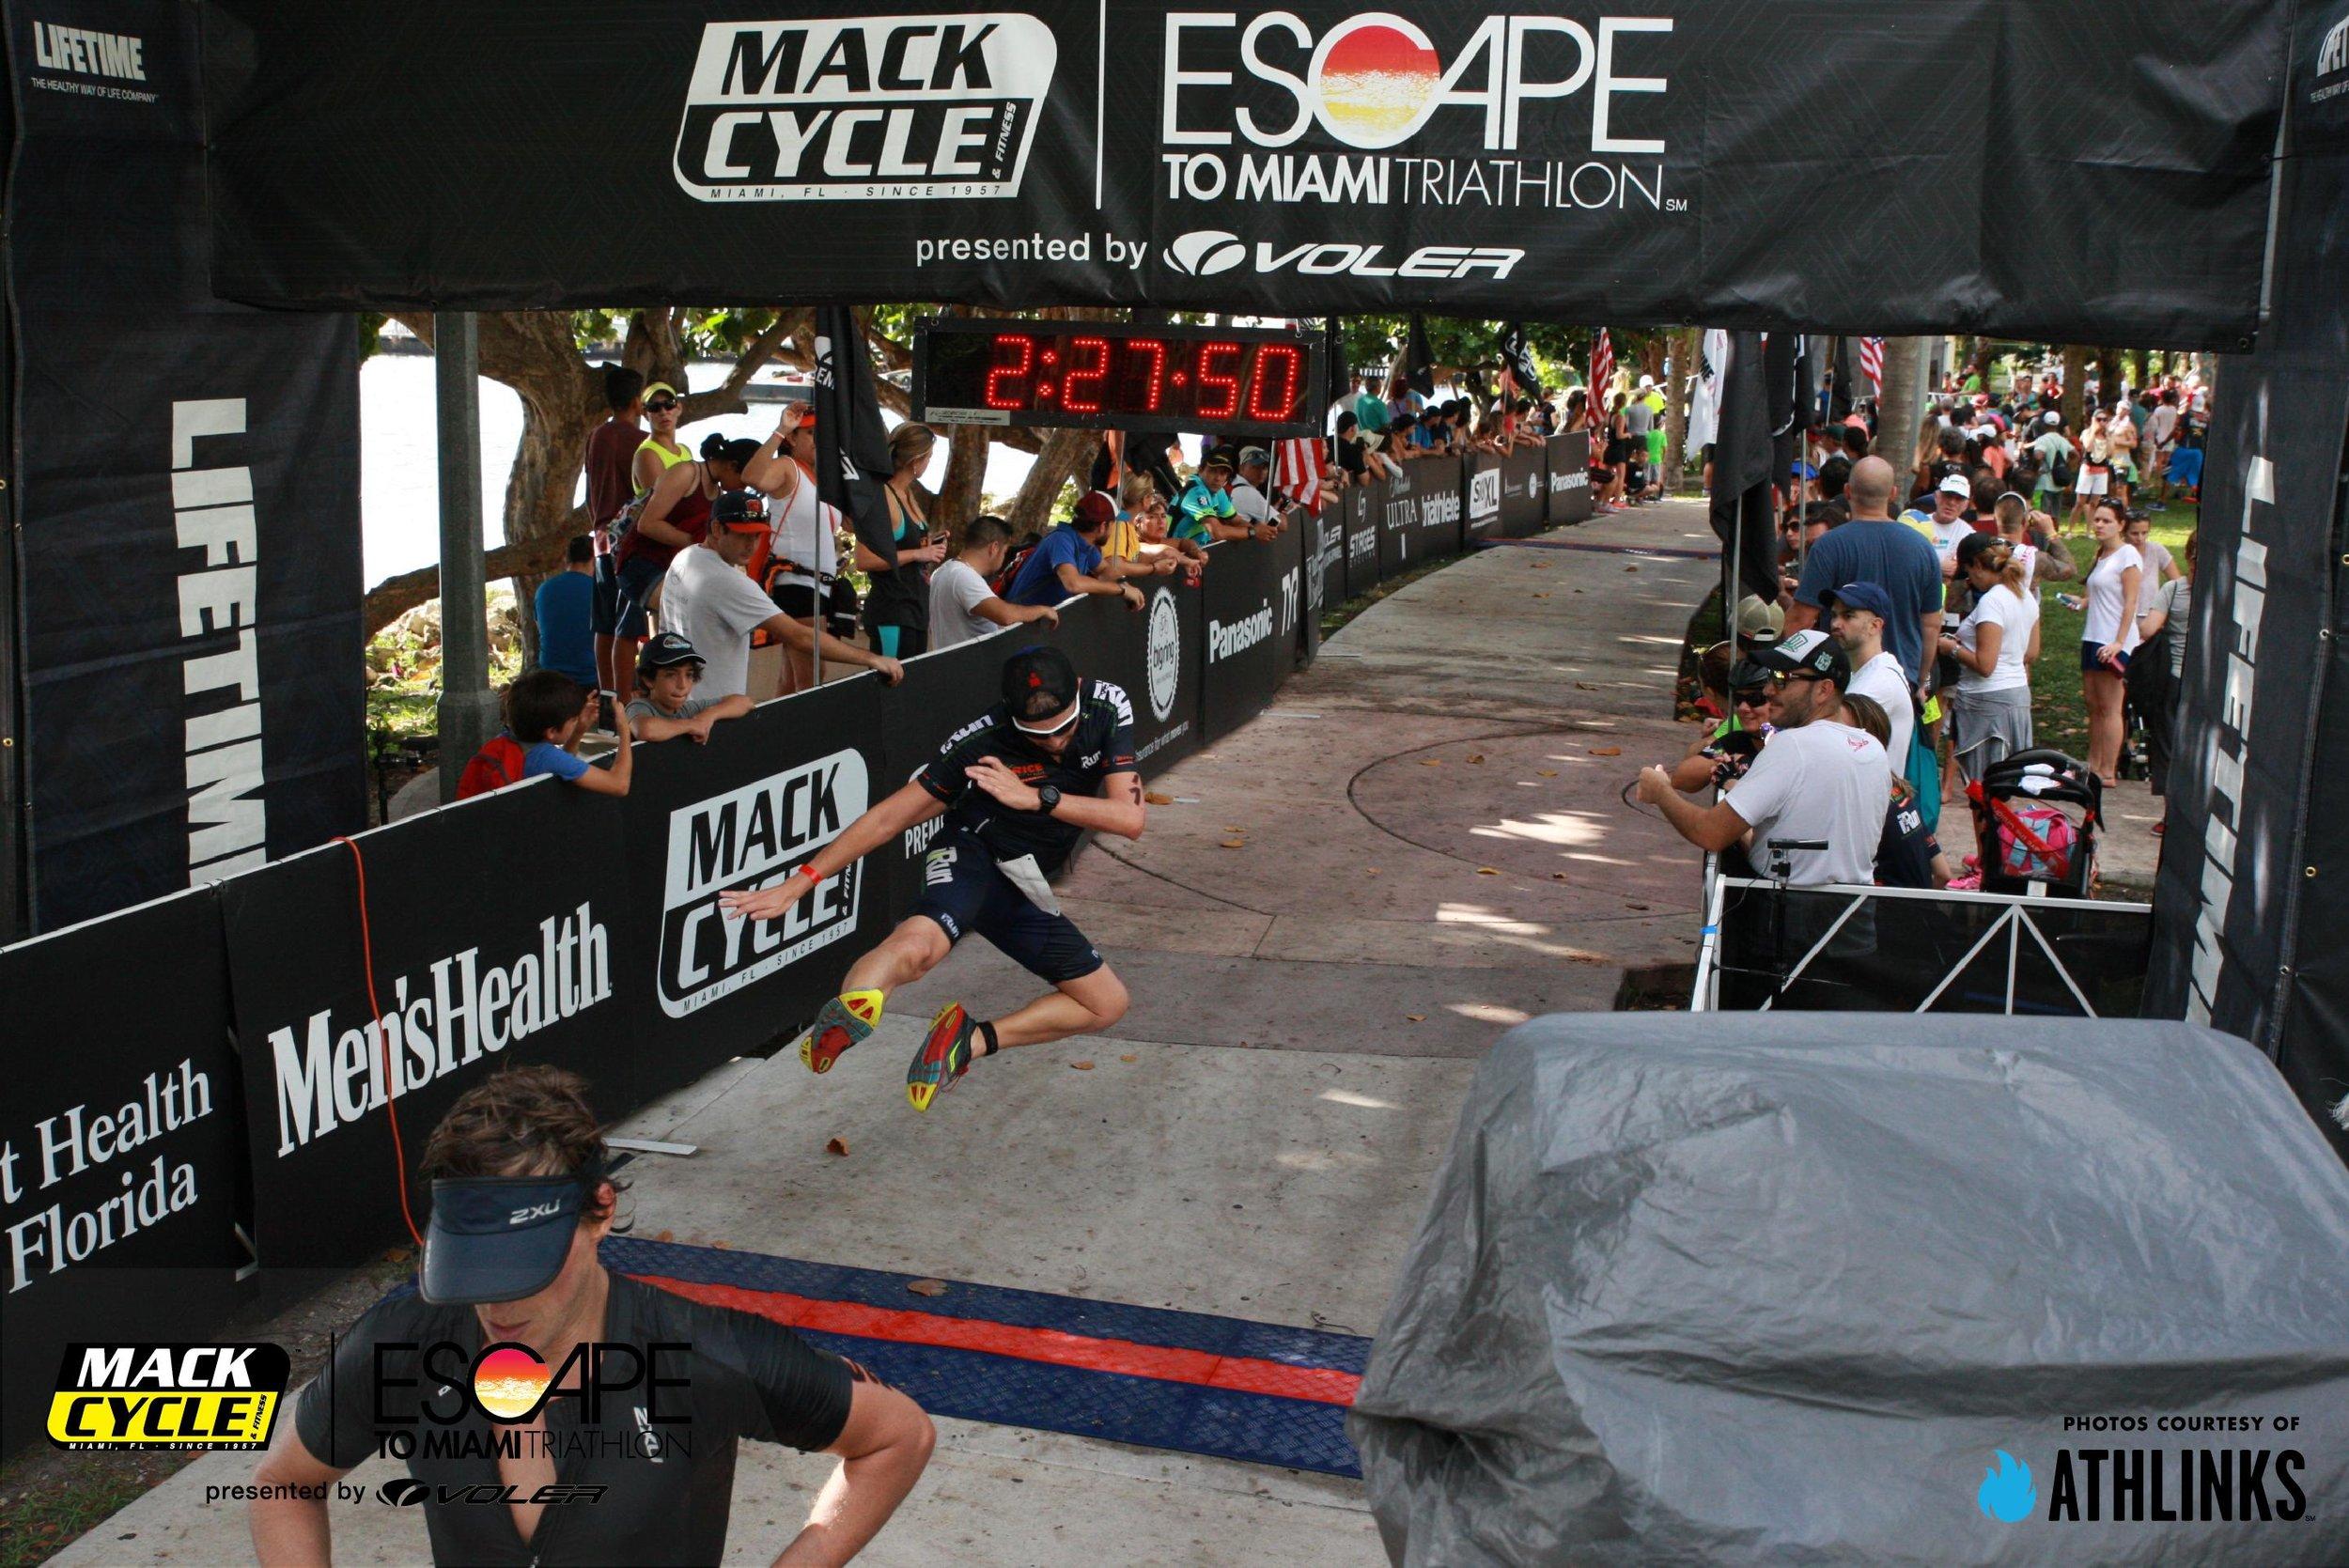 Escape to Miami Olympic